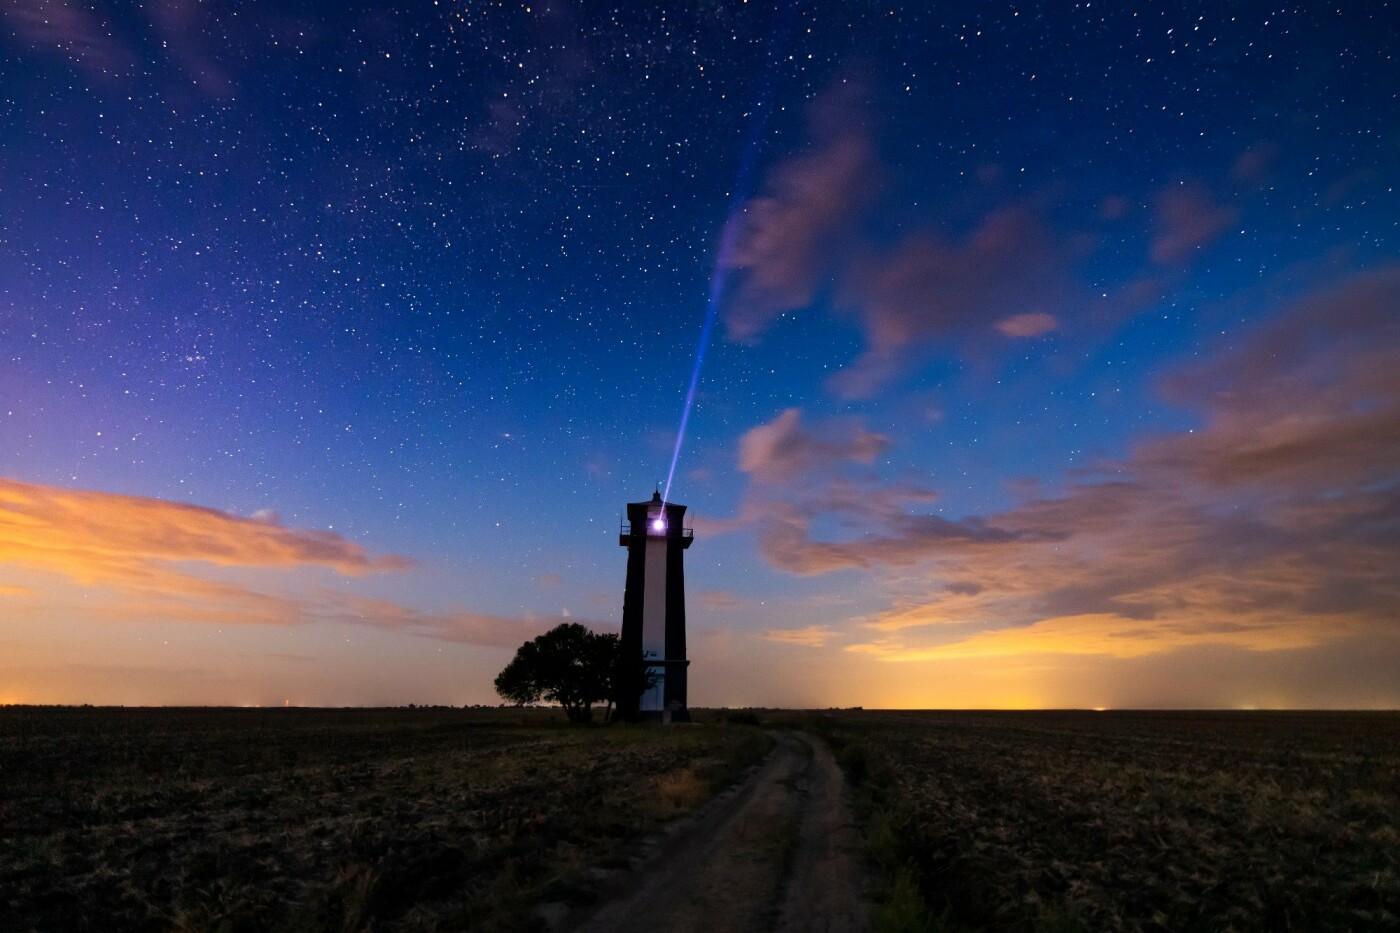 """Николаевский фотограф """"поймал момент"""" и запечатлел метеорный поток Персеиды, - ФОТО, ВИДЕО, фото-2"""